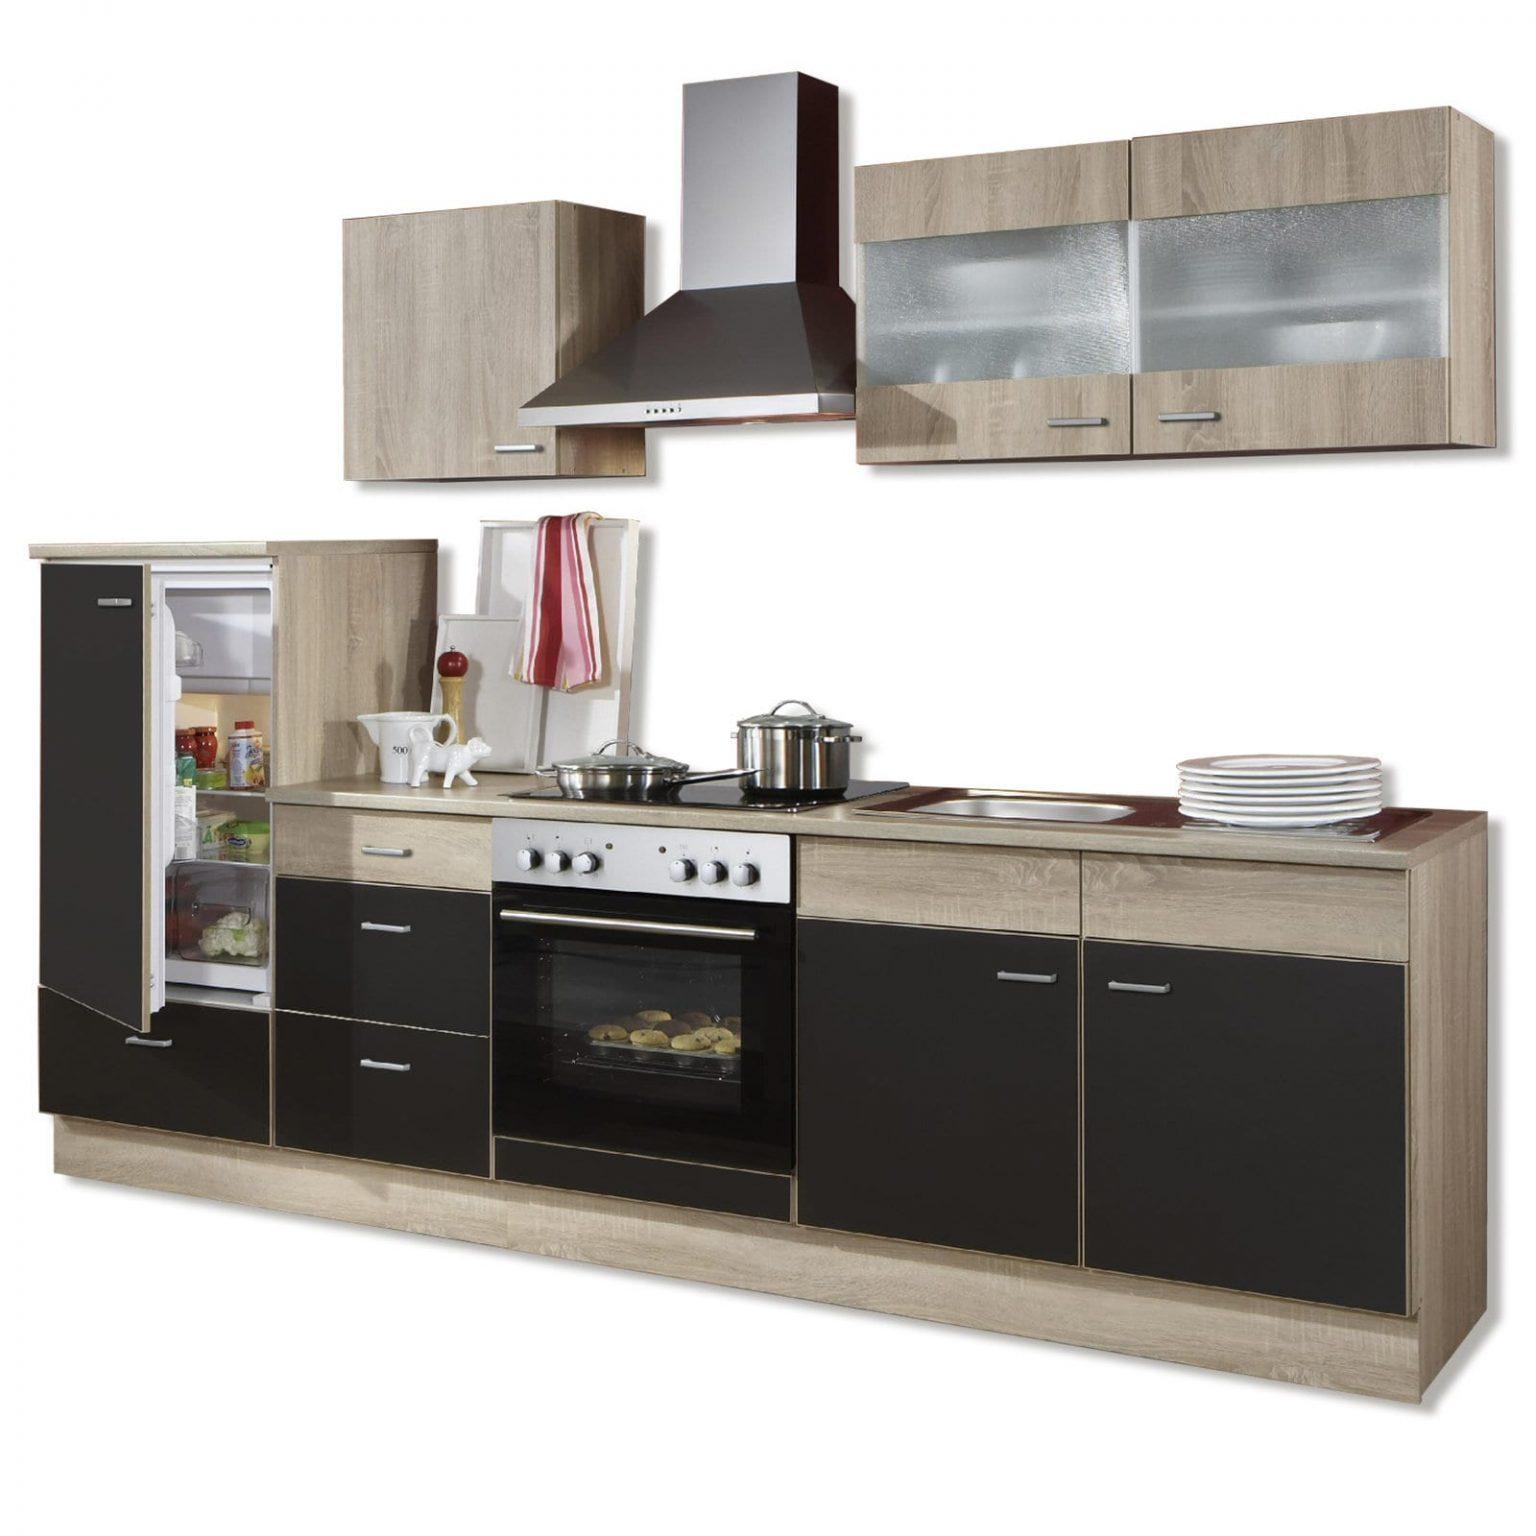 Full Size of Gnstige Kchenzeilen Hausdesign Ikea Miniküche Mit Kühlschrank Roller Regale Stengel Wohnzimmer Roller Miniküche